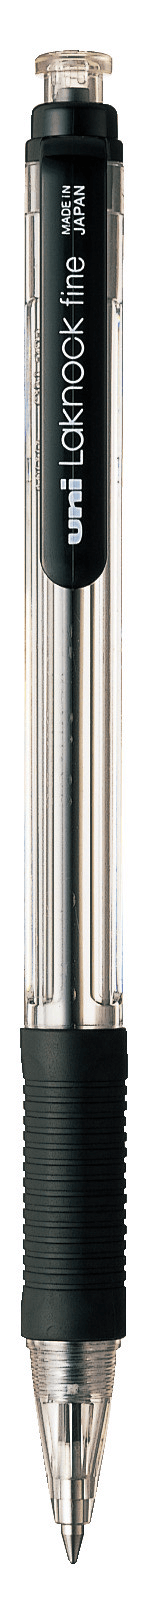 ปากกาลูกลื่น uni Laknock Fine SN-101 สีดำ 0.7 มม.